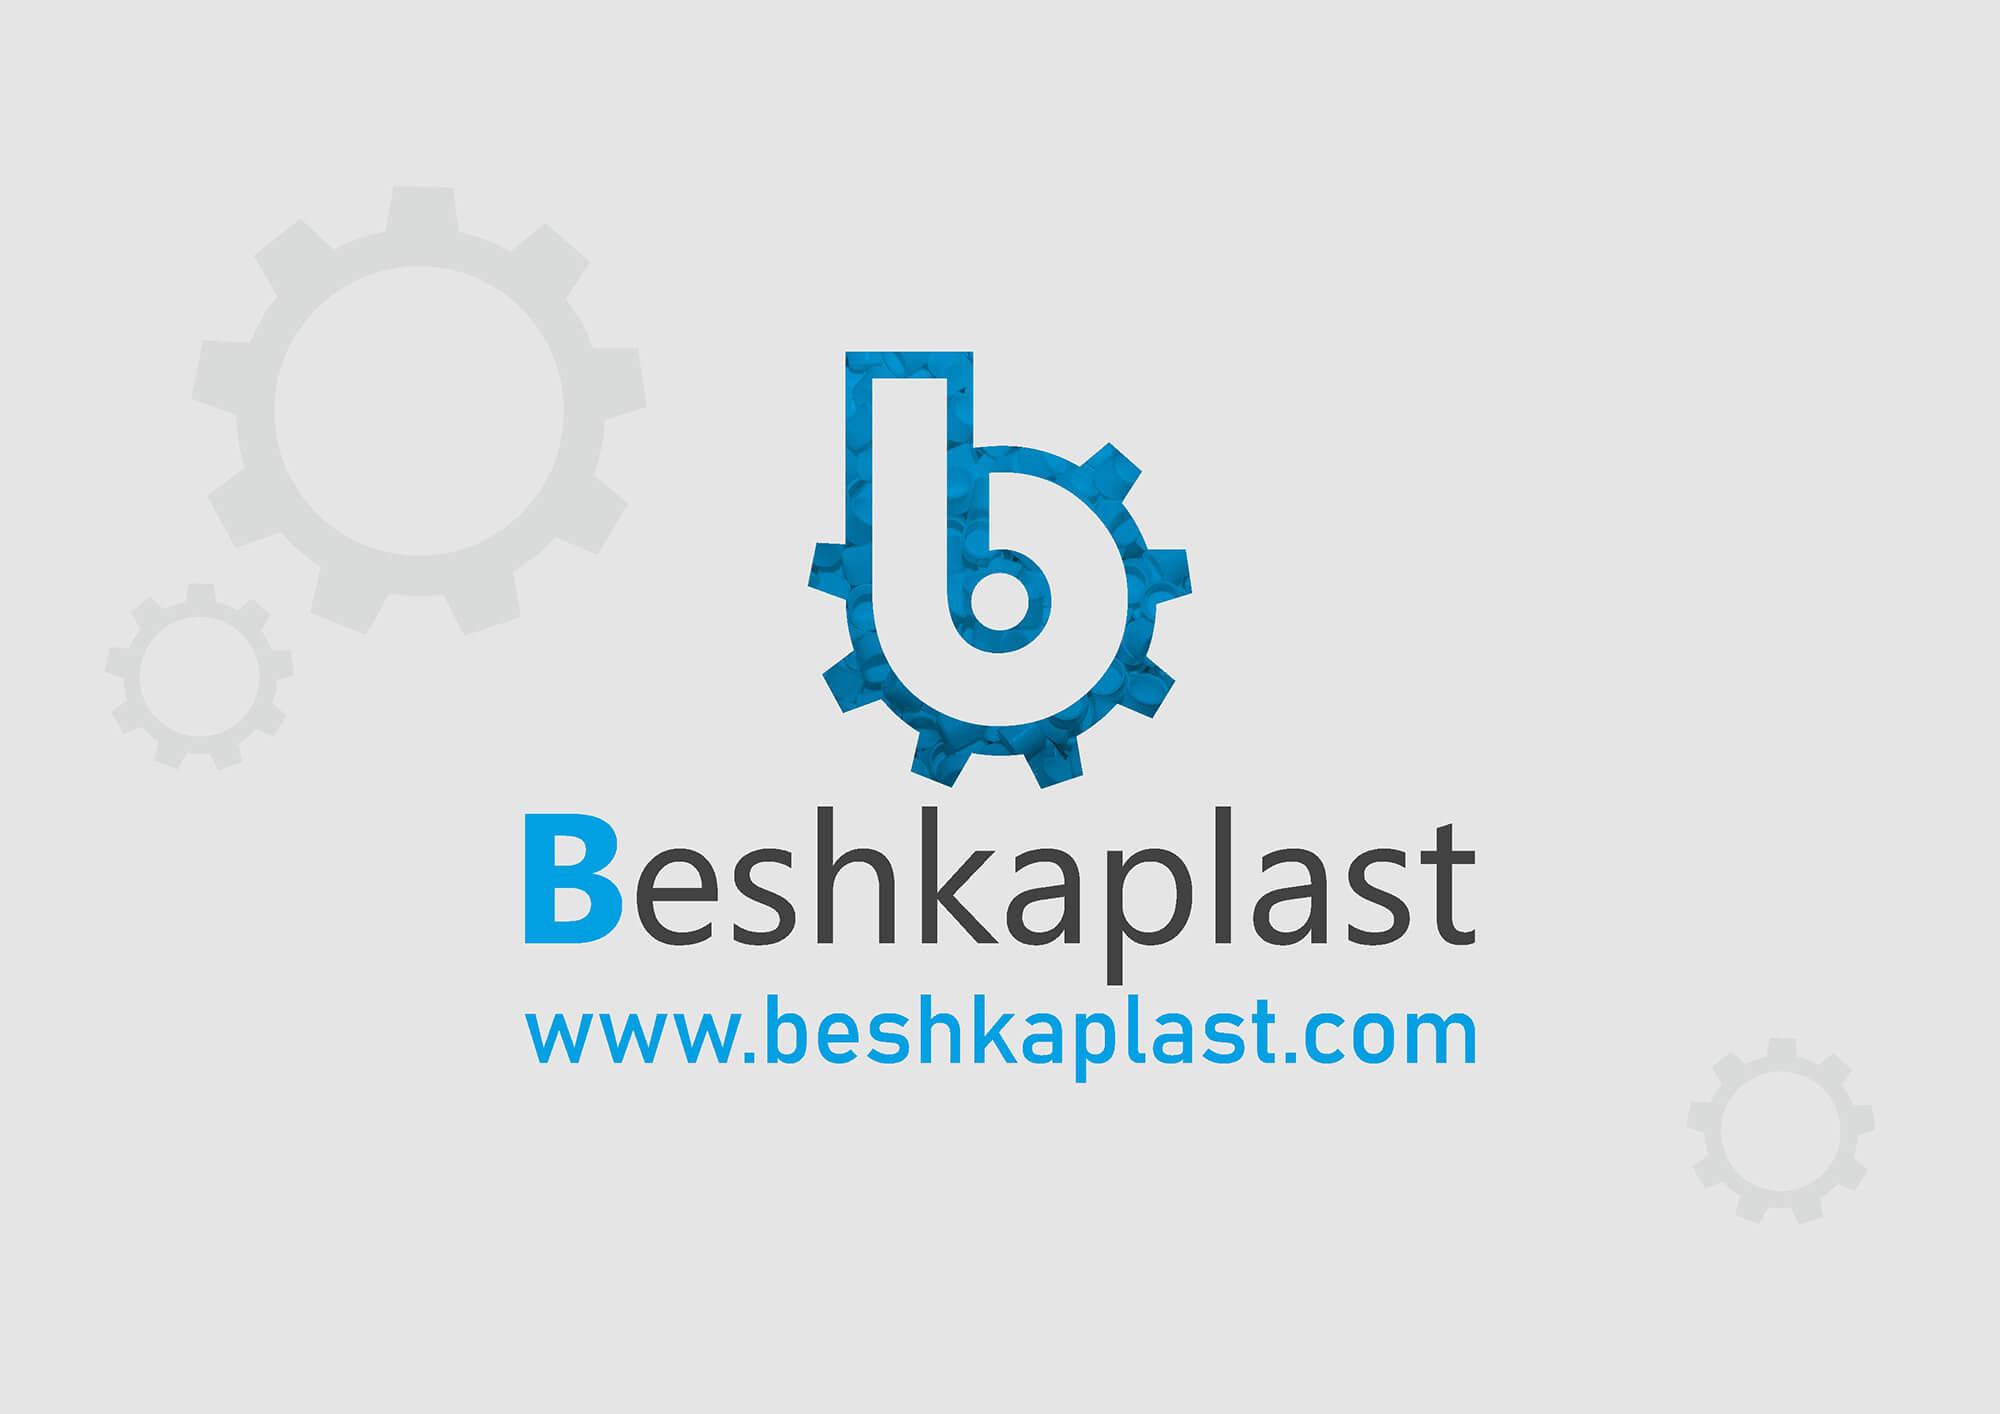 Beshkaplast Branding